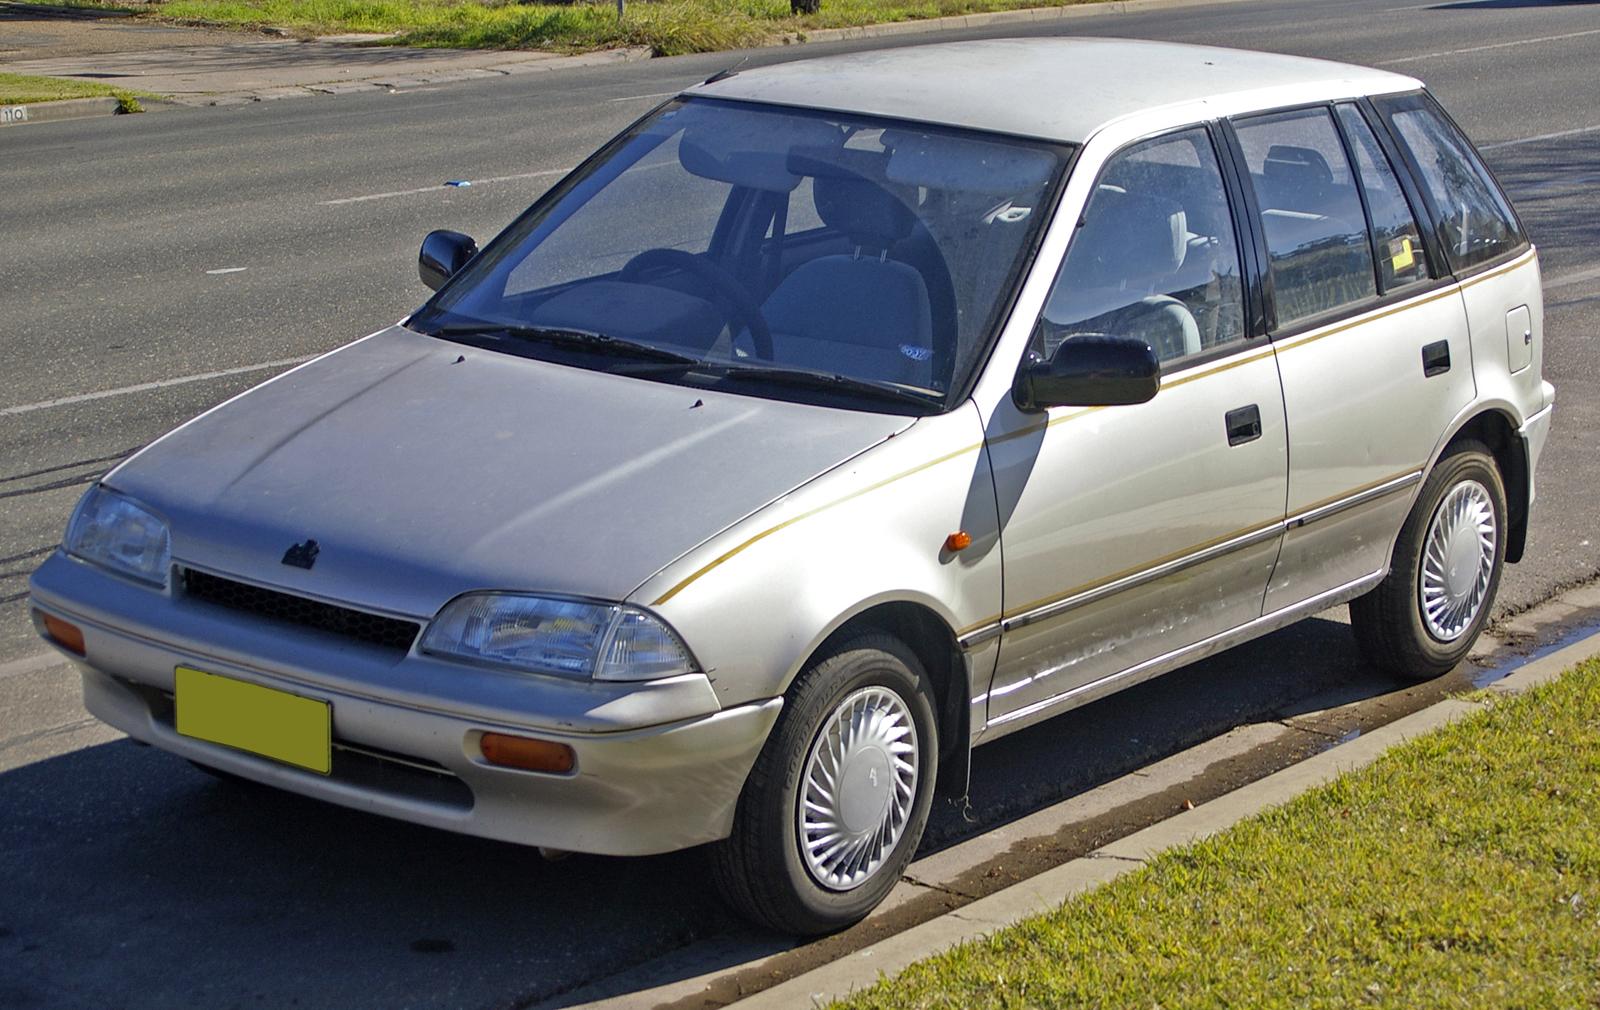 File19891991 Holden Barina MF Limited Edition 5door hatchback